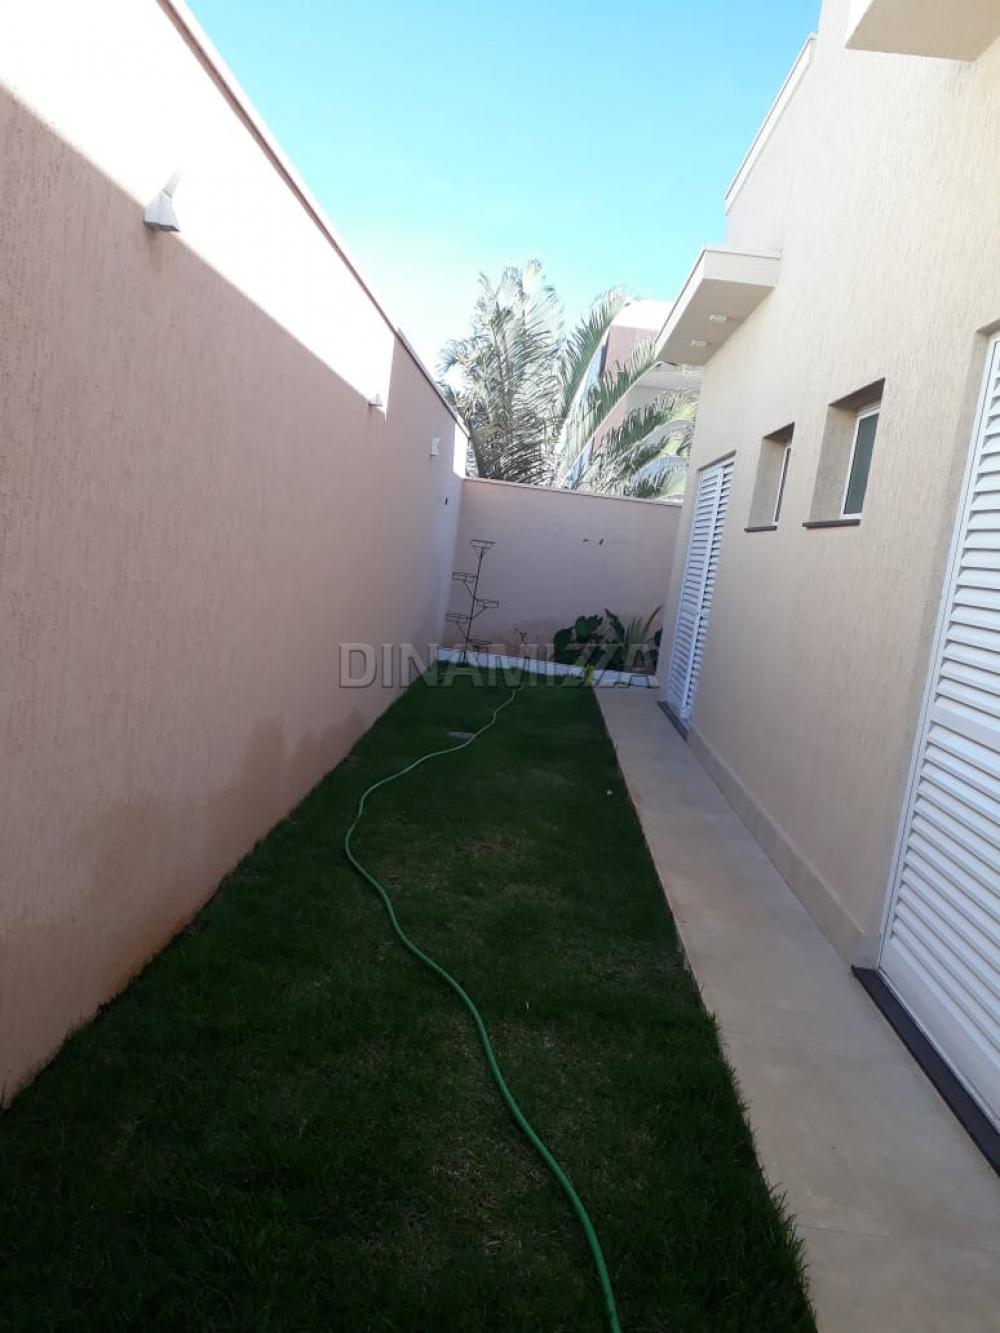 Comprar Casa / Padrão em Condomínio em Uberaba R$ 1.400.000,00 - Foto 5